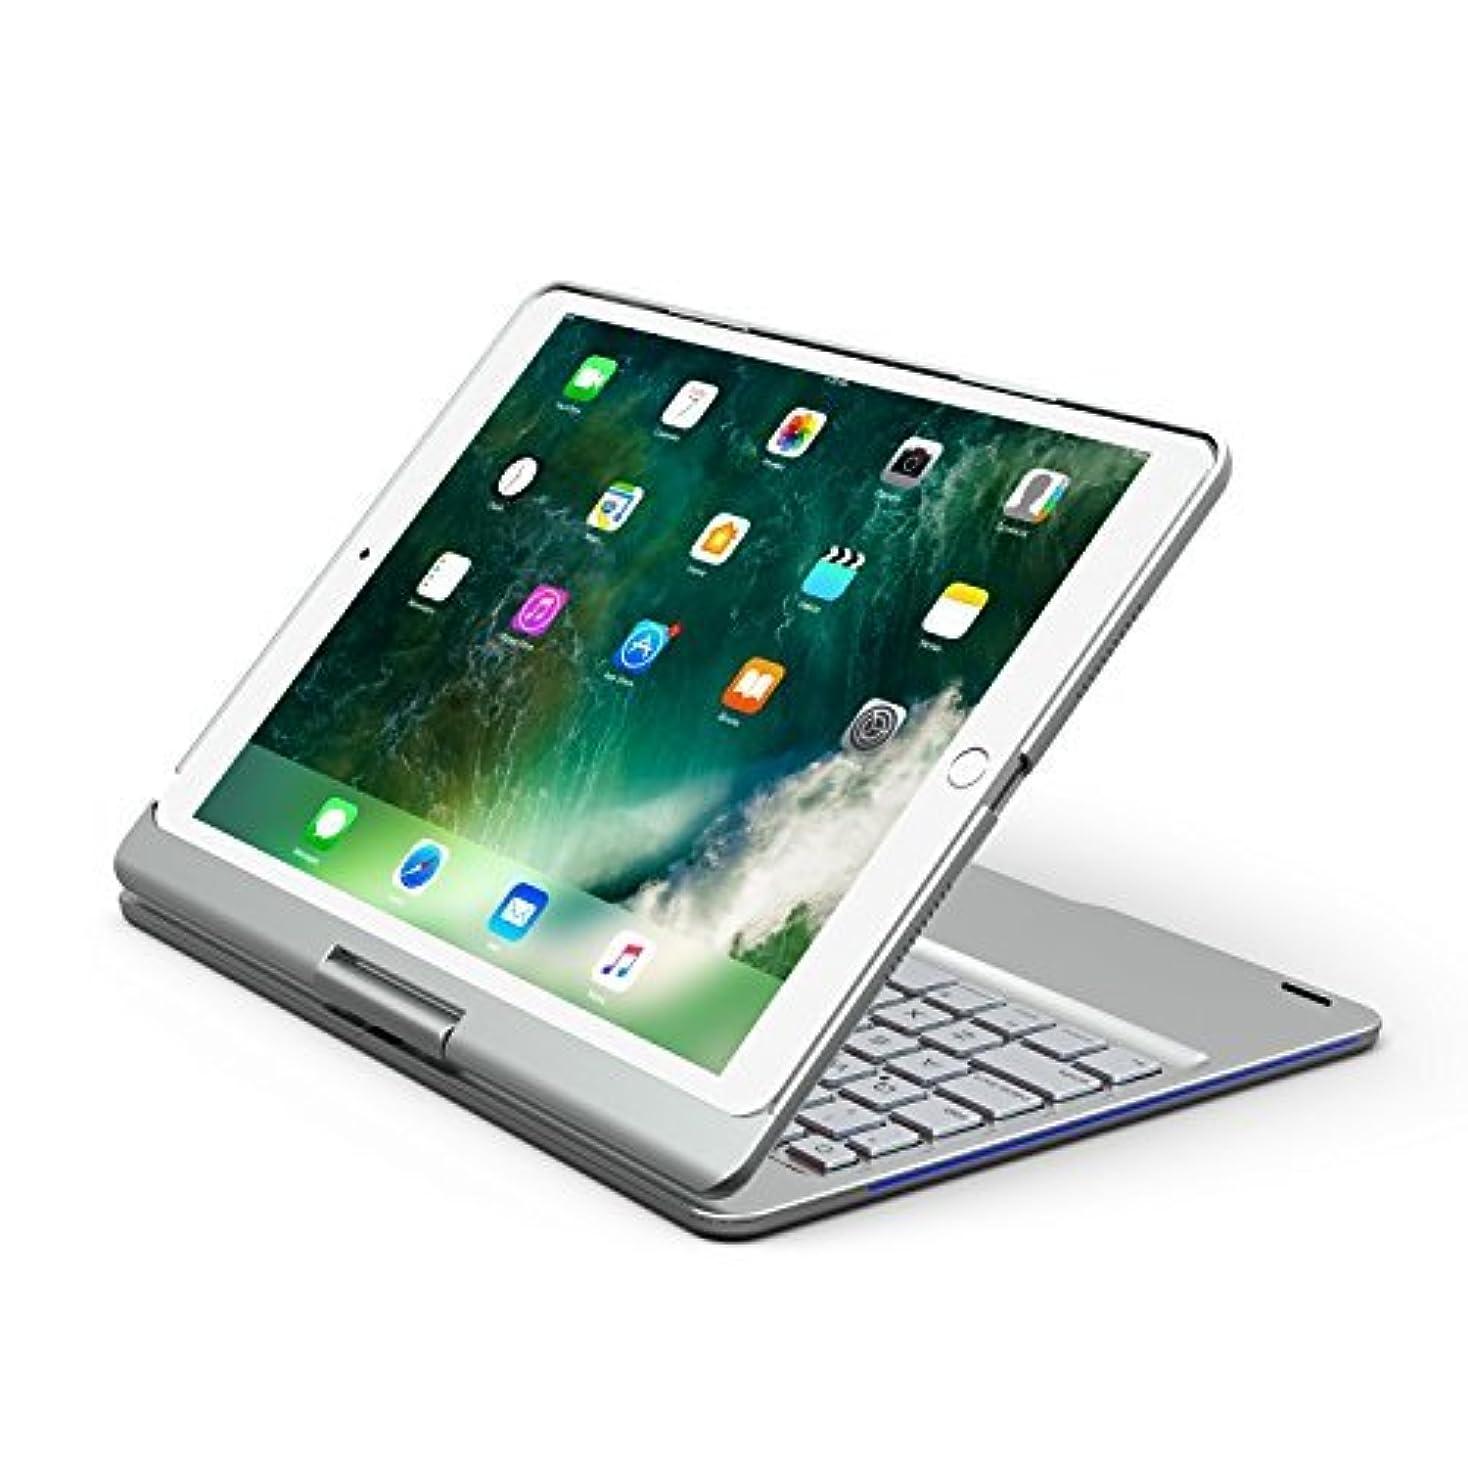 れる以下許されるiPad Pro 10.5キーボードケース、businda 7色バックライト付きキーボードケースカバー360?°回転スマートキーボードケース/スリープ付きiPad Pro 10.5 2017 New iPad シルバー